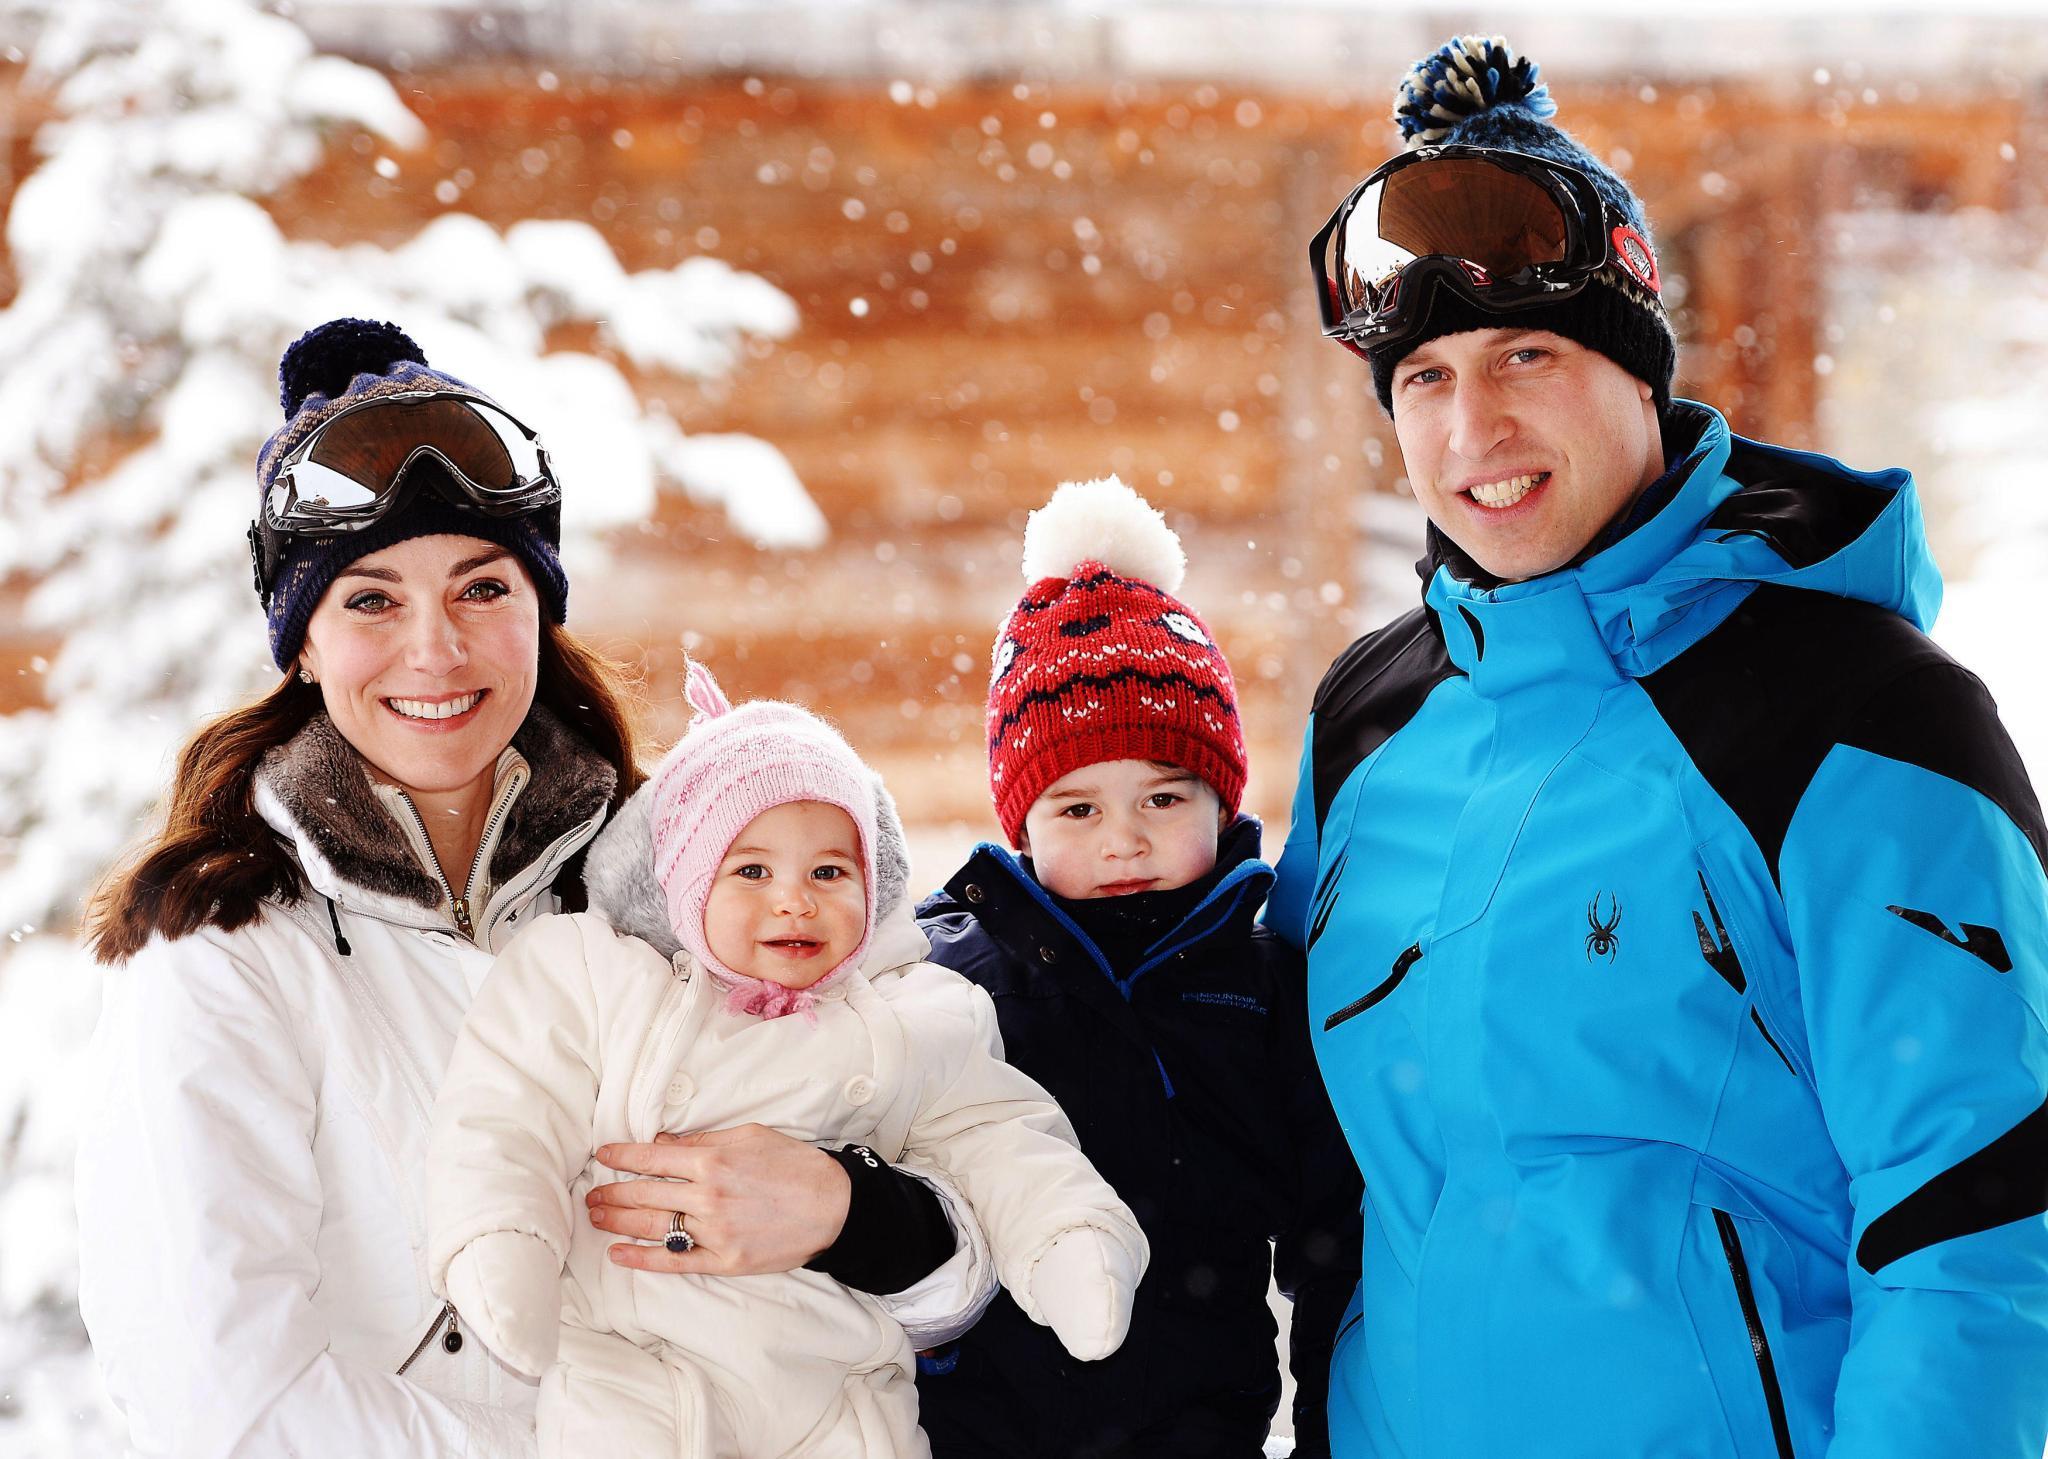 3. März 2016  Der erste Familienurlaub im Schnee: Herzogin Catherine und Prinz William sind mit Prinzessin Charlotte und Prinz George in die französischen Alpen gefahren.